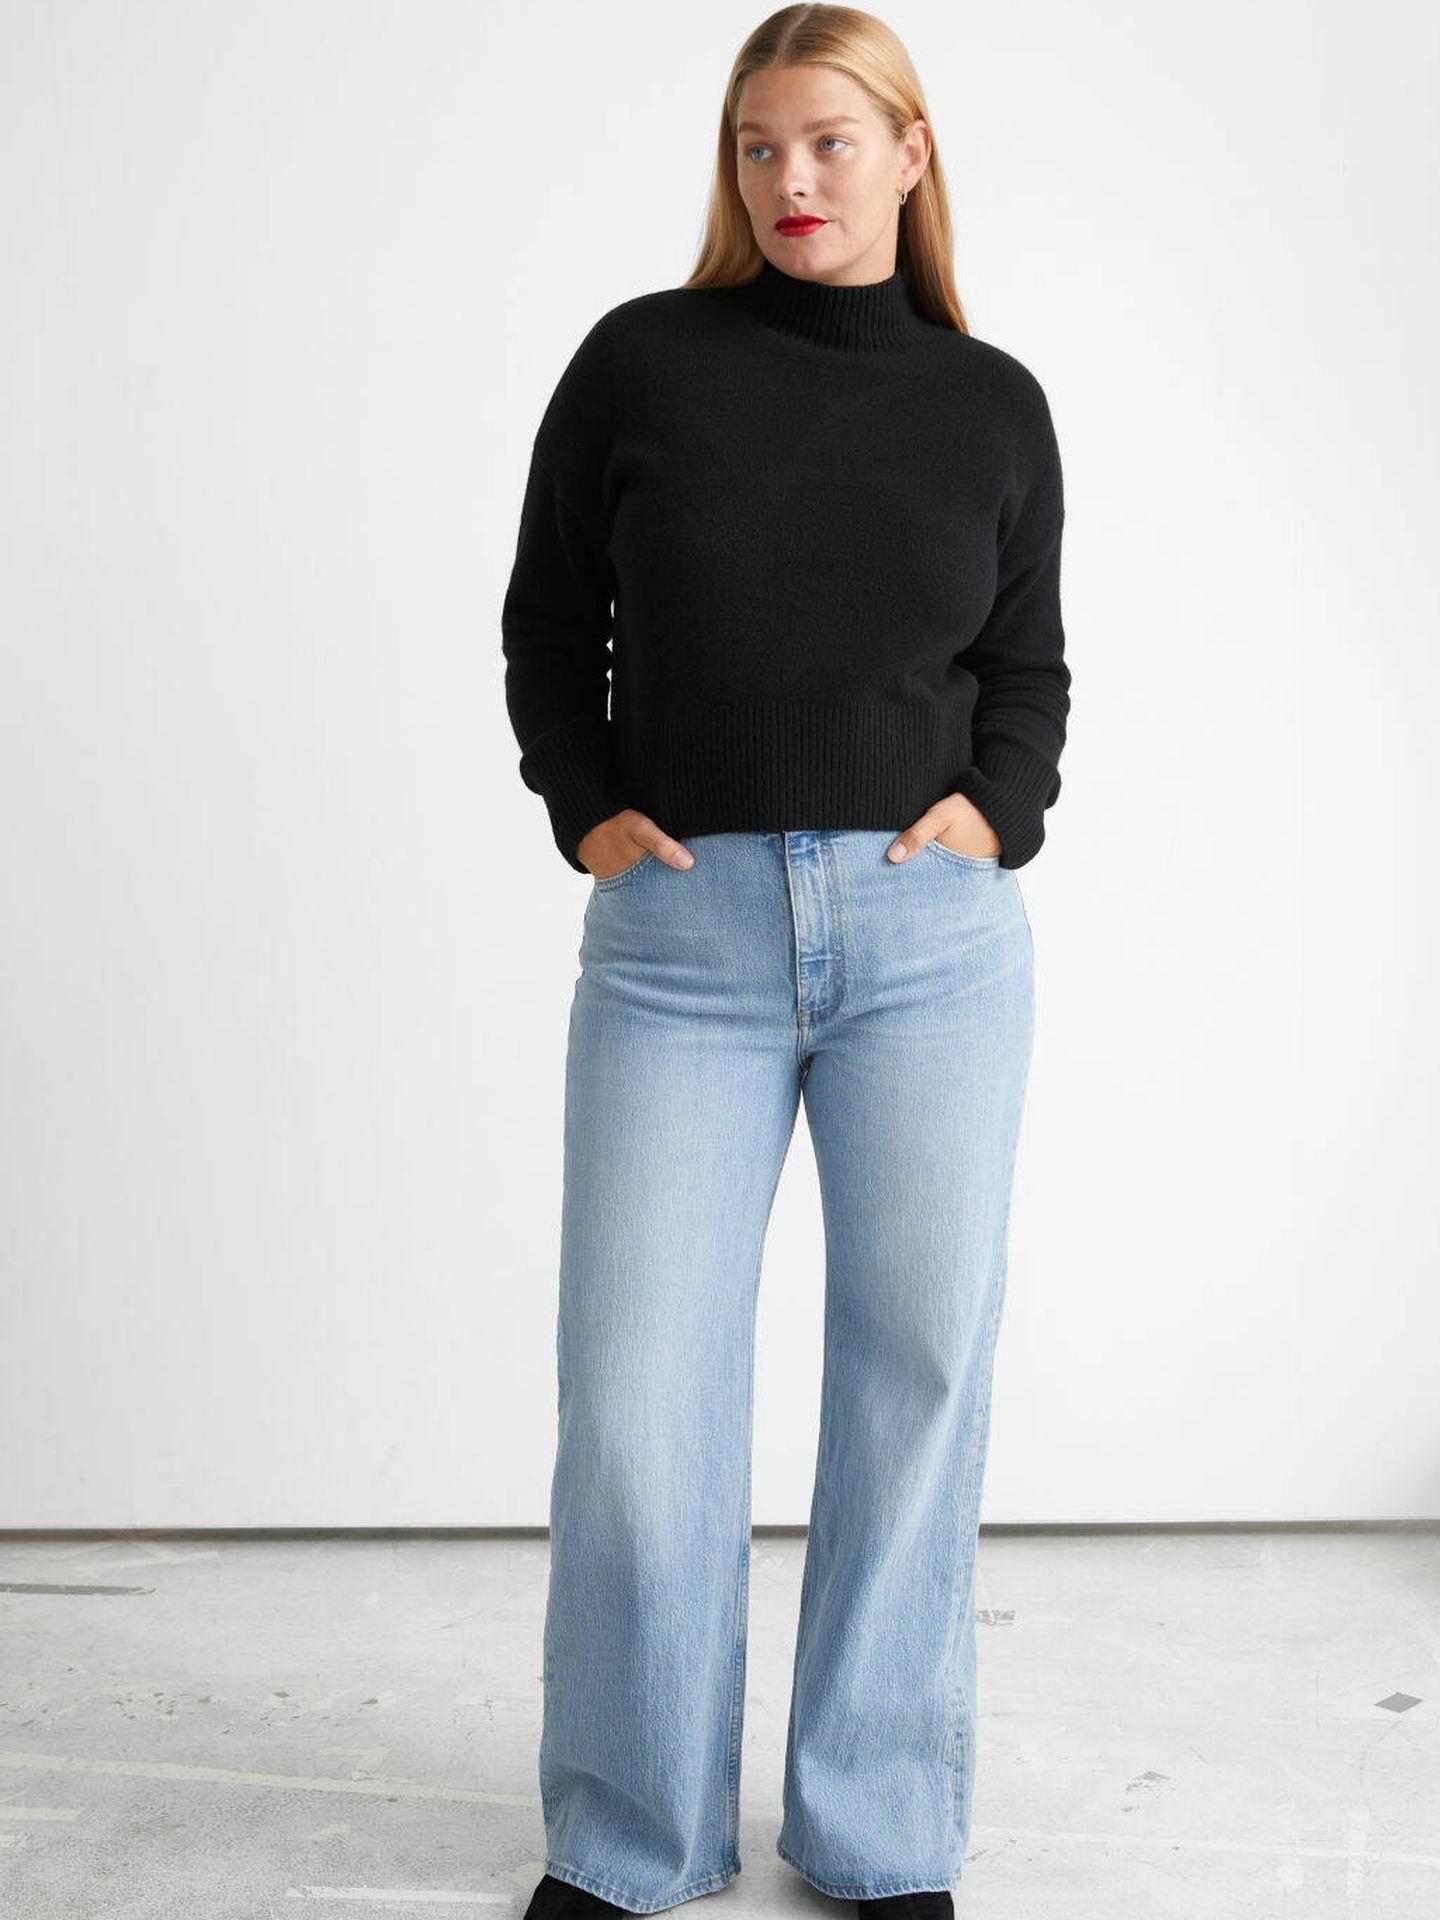 Uno de los múltiples modelos de los treasure cut jeans. (Cortesía)